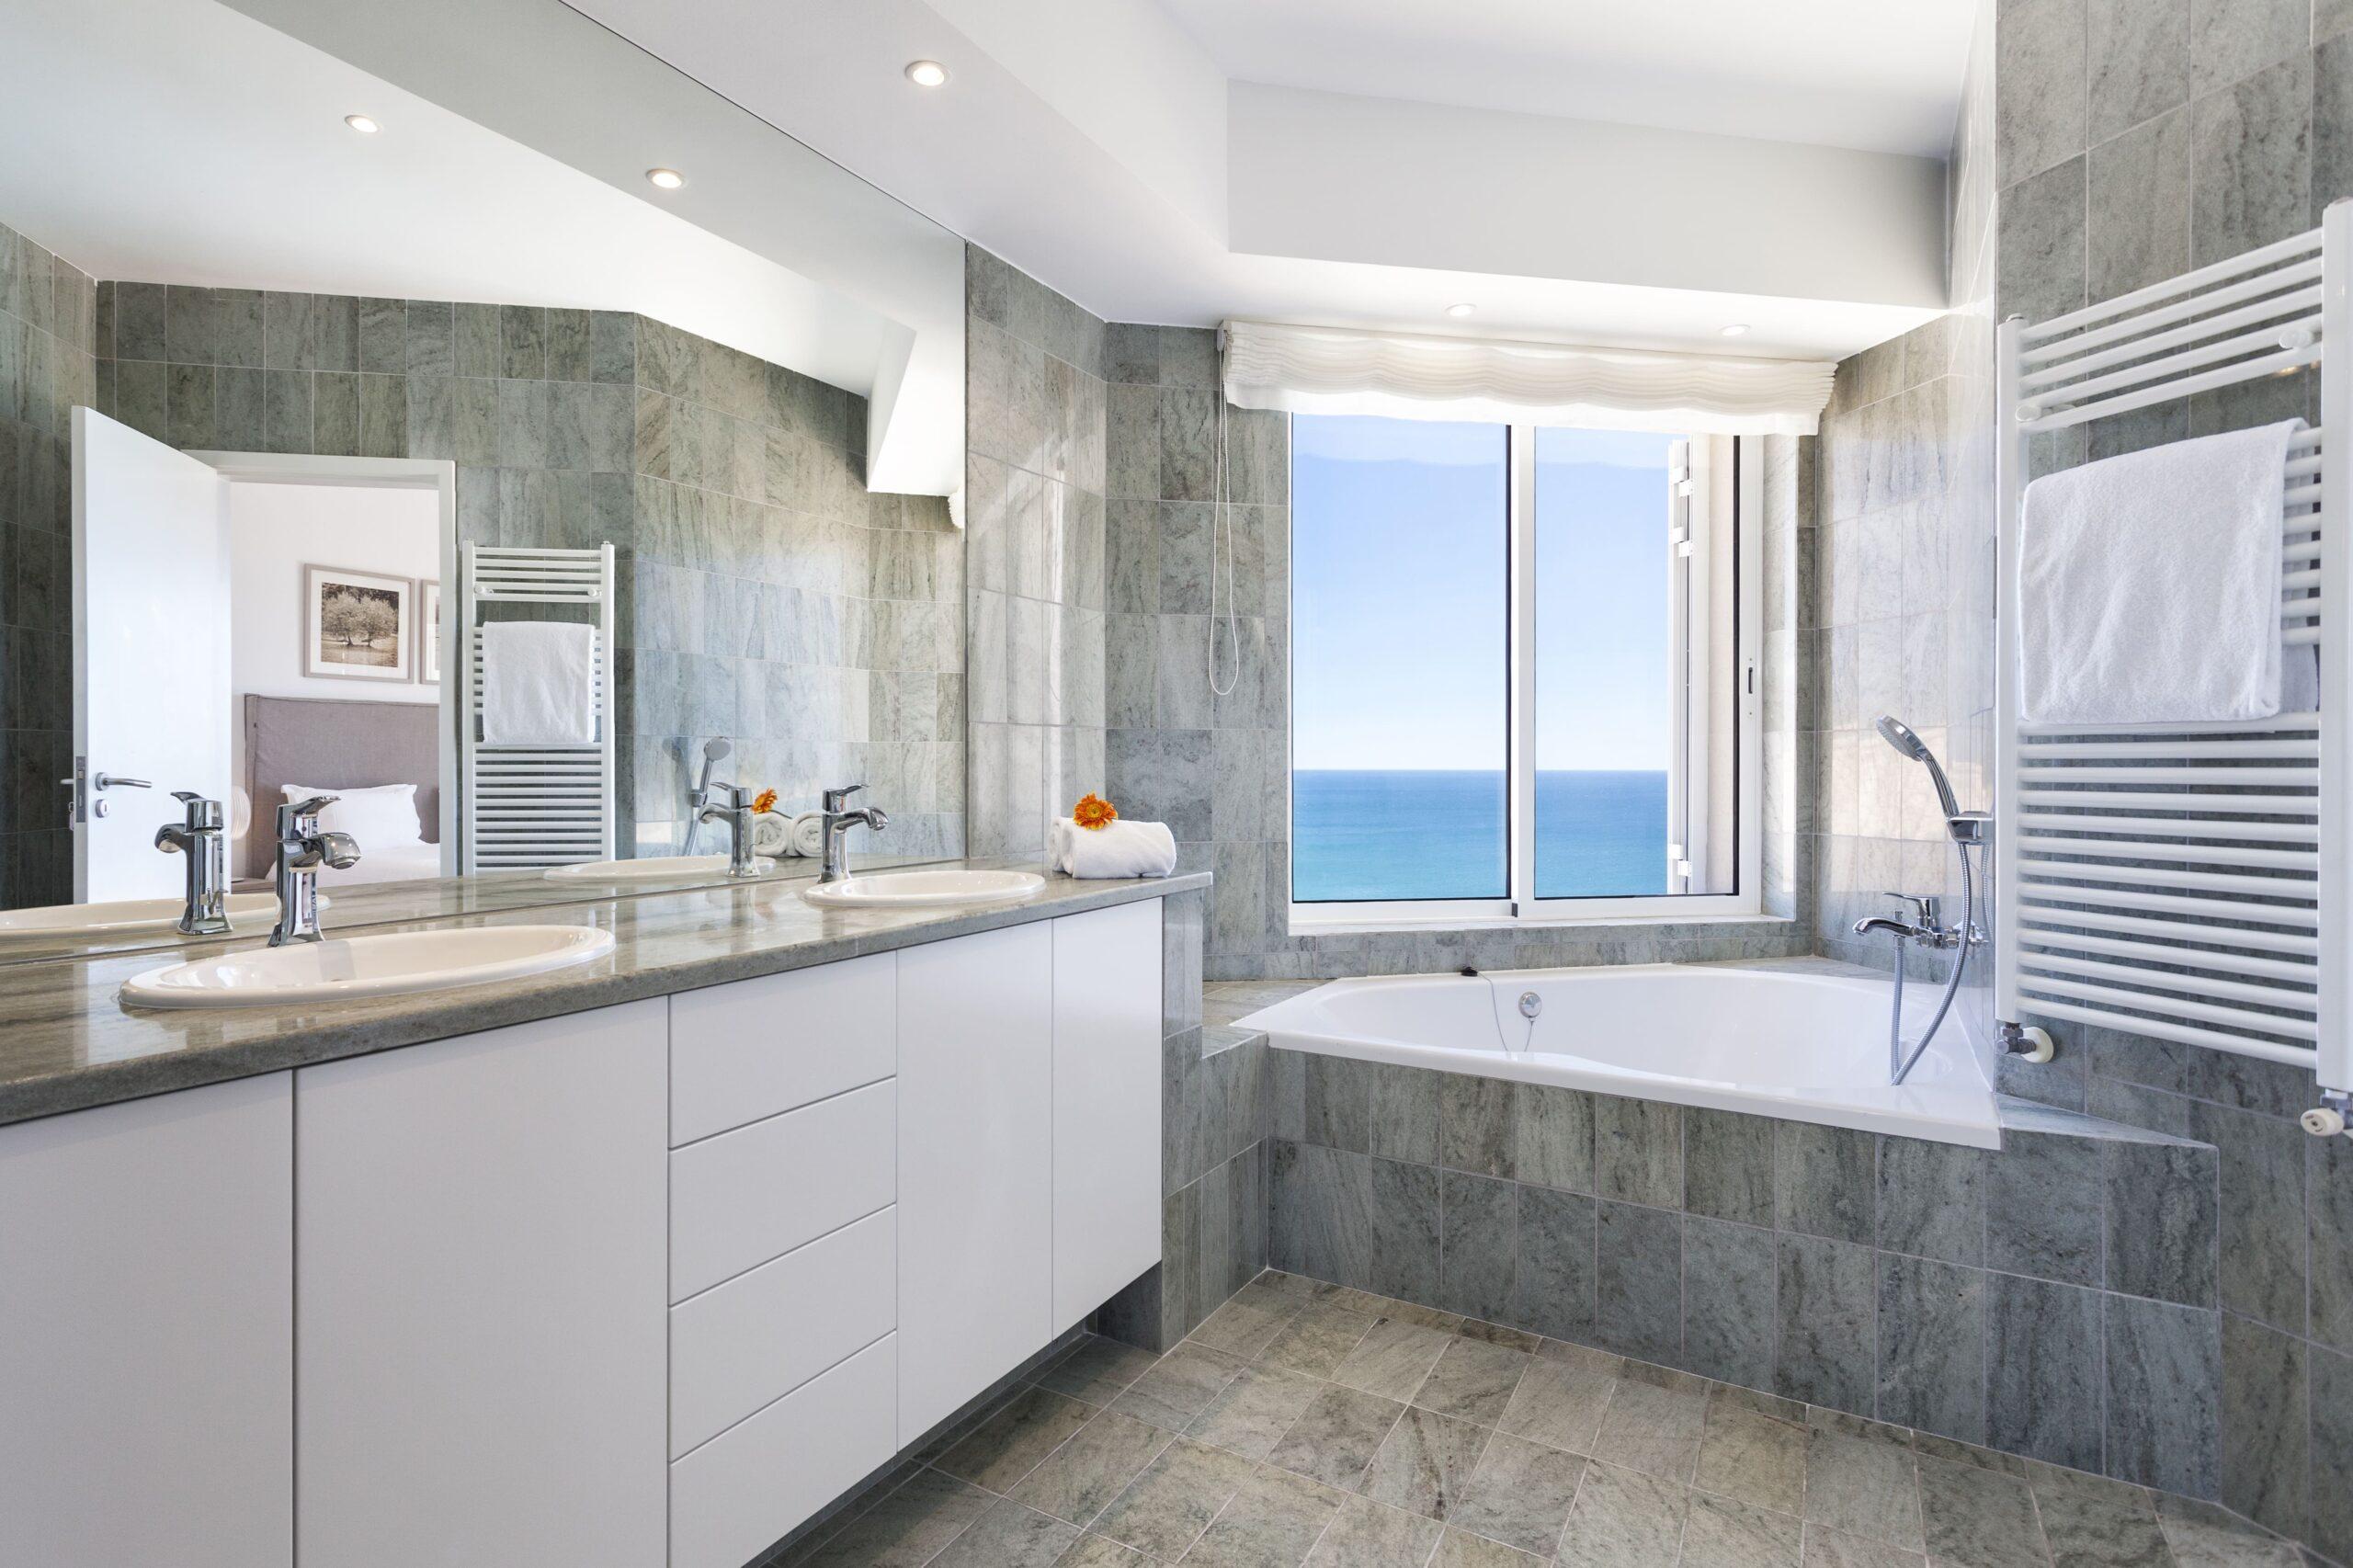 Villa Mar à Vista - Master bathroom